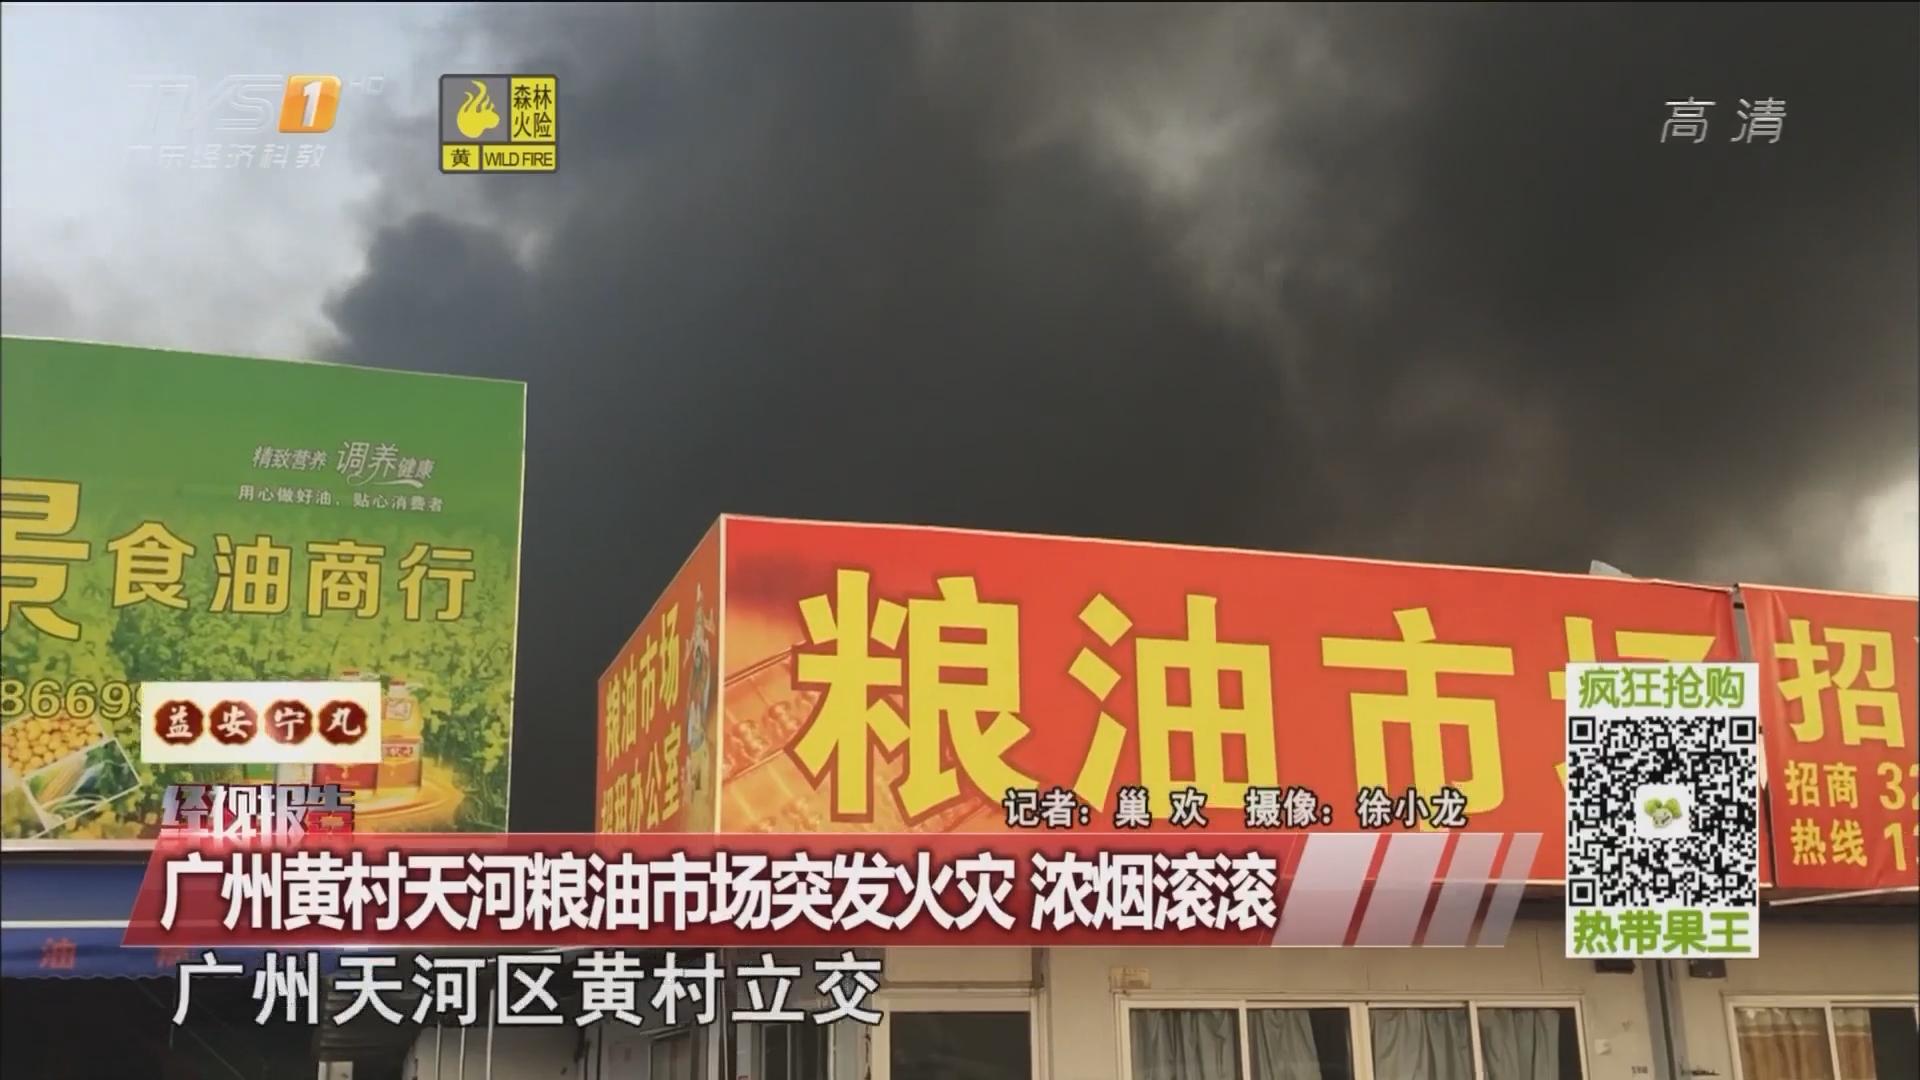 广州黄村天河粮油市场突发火灾 浓烟滚滚